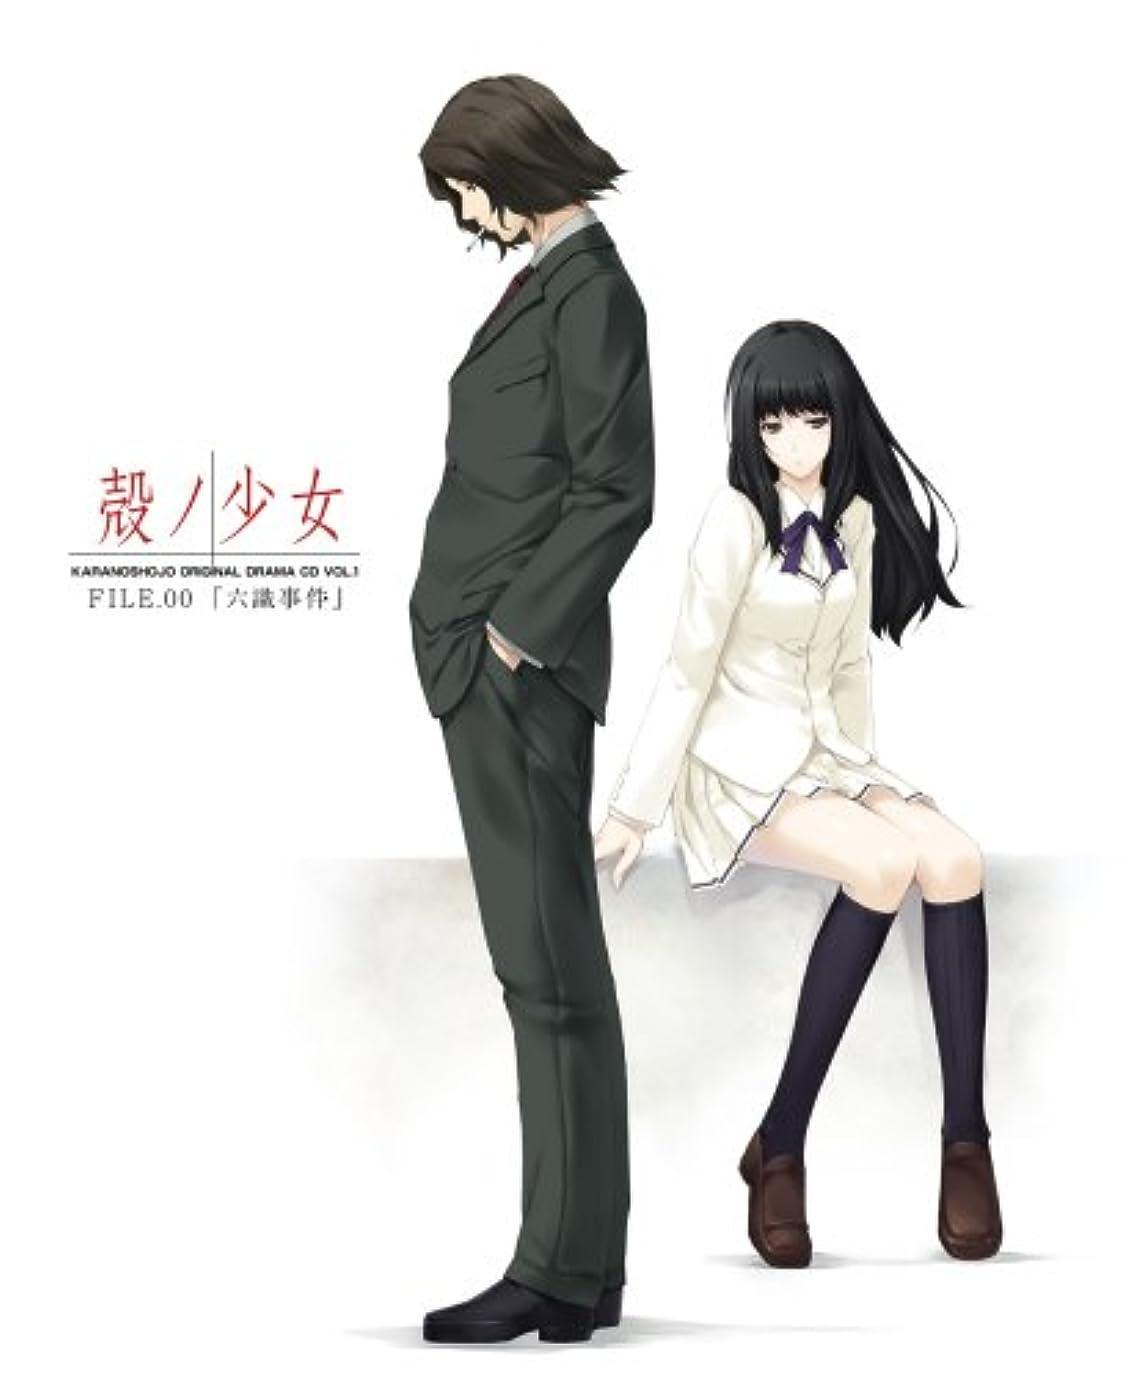 消化器私達ひばりドラマCD 殻ノ少女 VOL.1 FILE00:六識事件